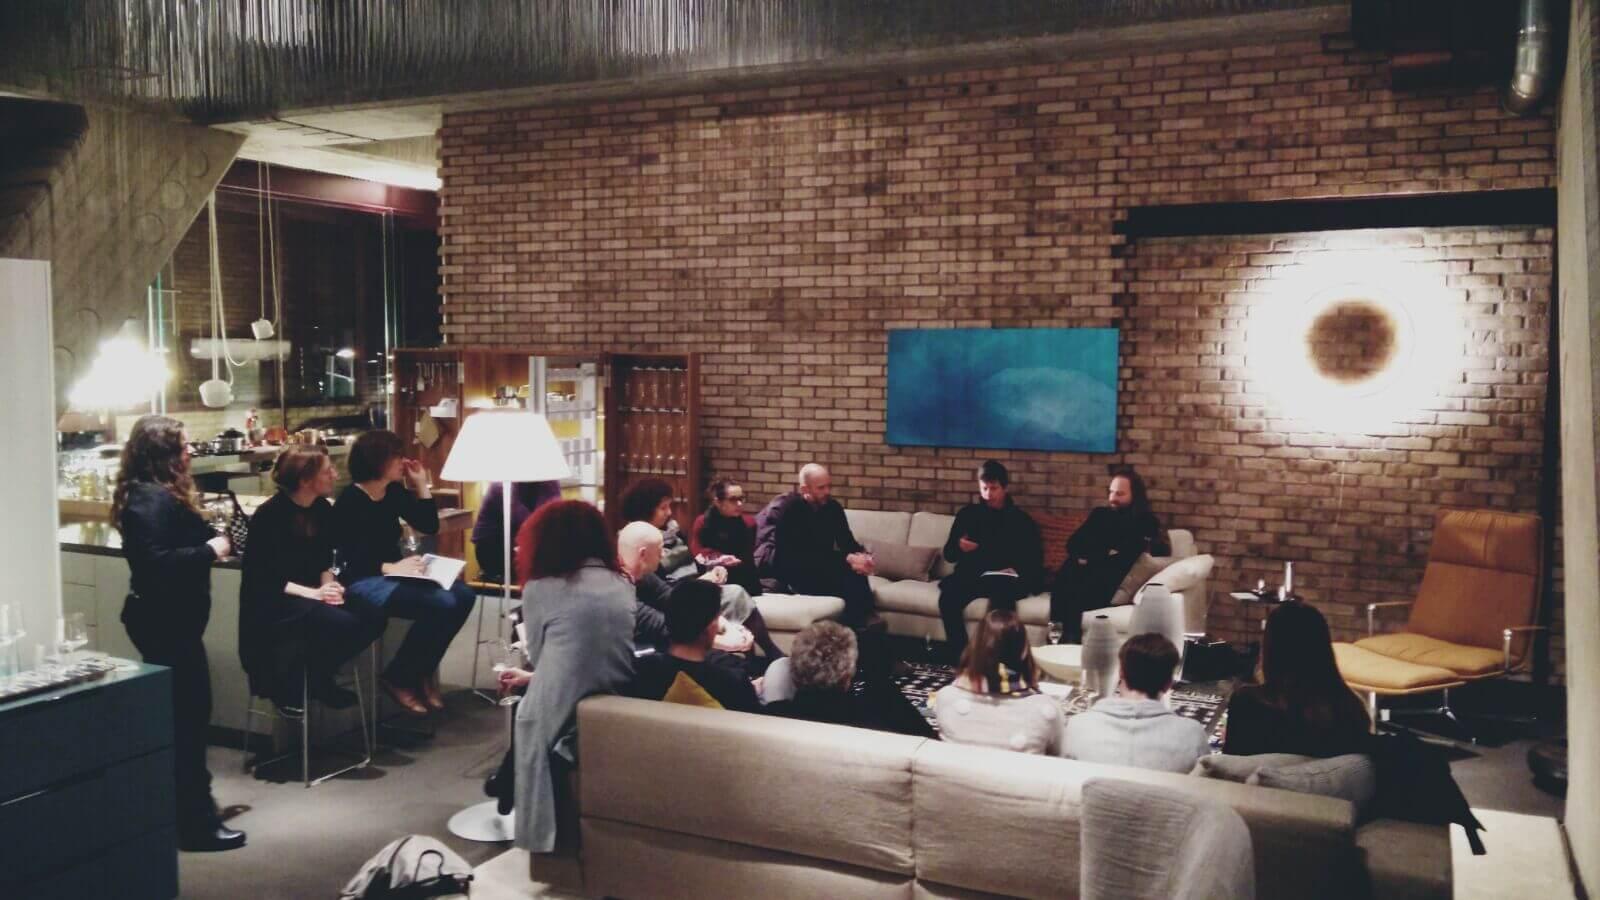 Politike prostora naslavljajo izzive lokalnih skupnosti